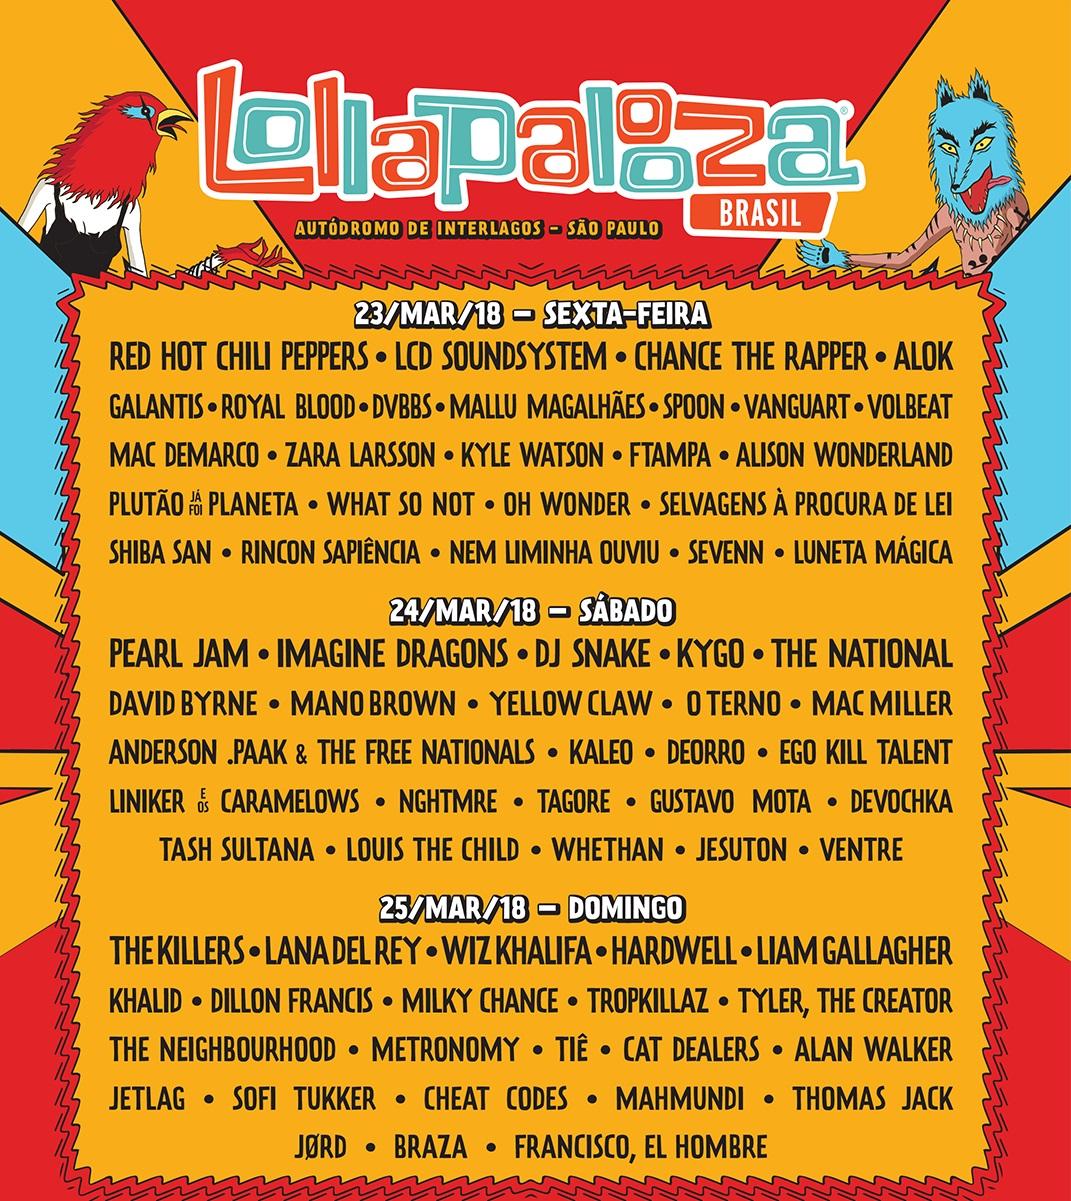 Lollapalooza 2018 - Reprodução do cartaz de divulgação e2c747f2804